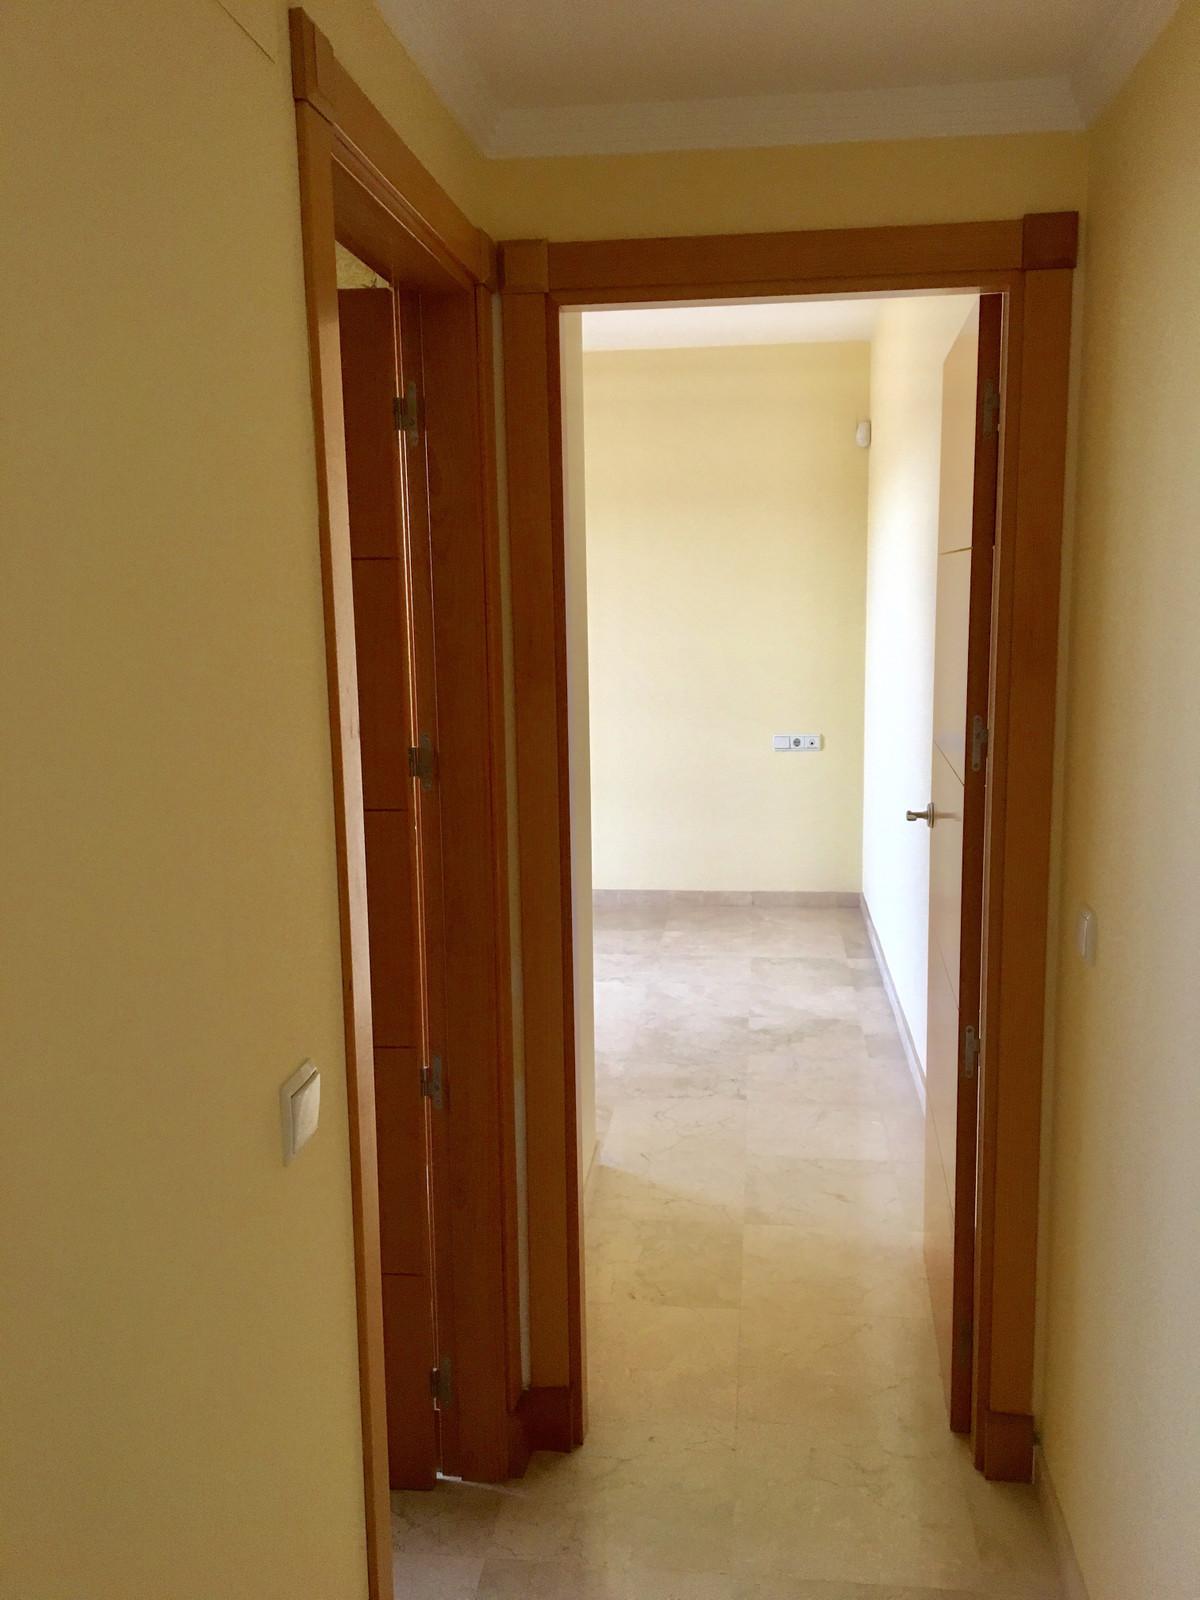 1 Bedroom Apartment for sale Arroyo de la Miel